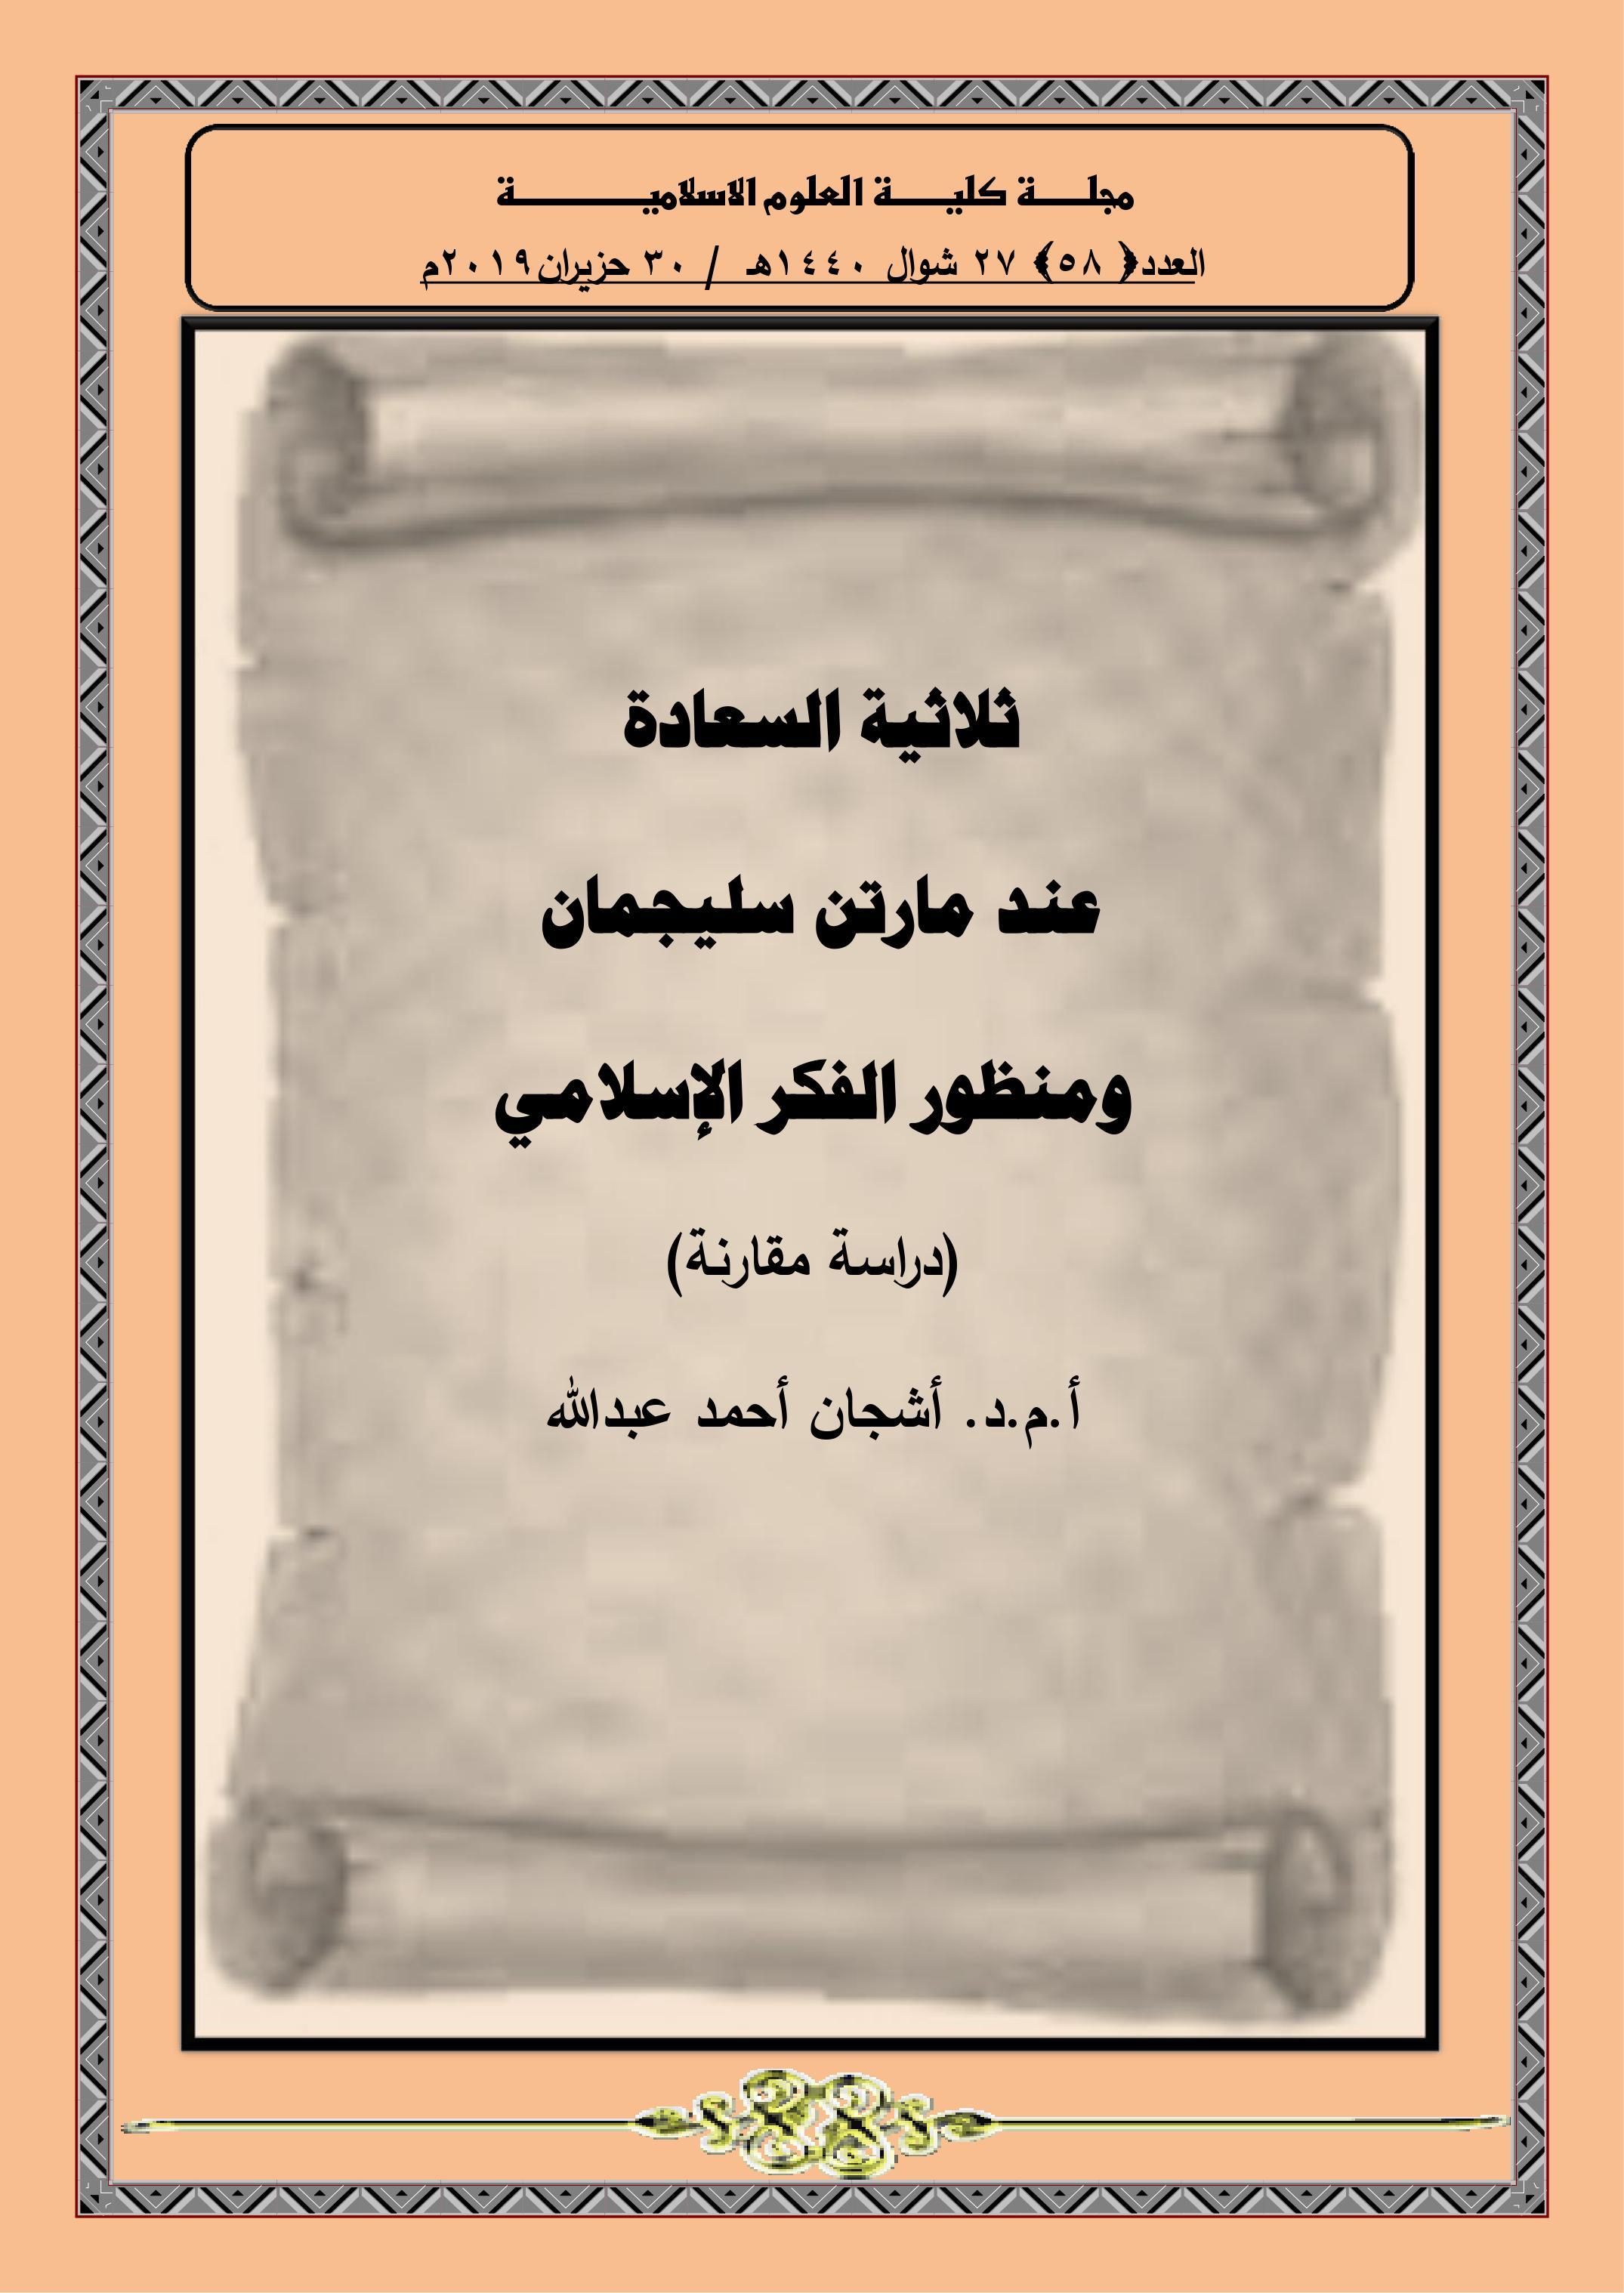 ثلاثية السعادة  عند مارتن سليجمان  ومنظور الفكر الإسلامي ( دراسة مقارنه)